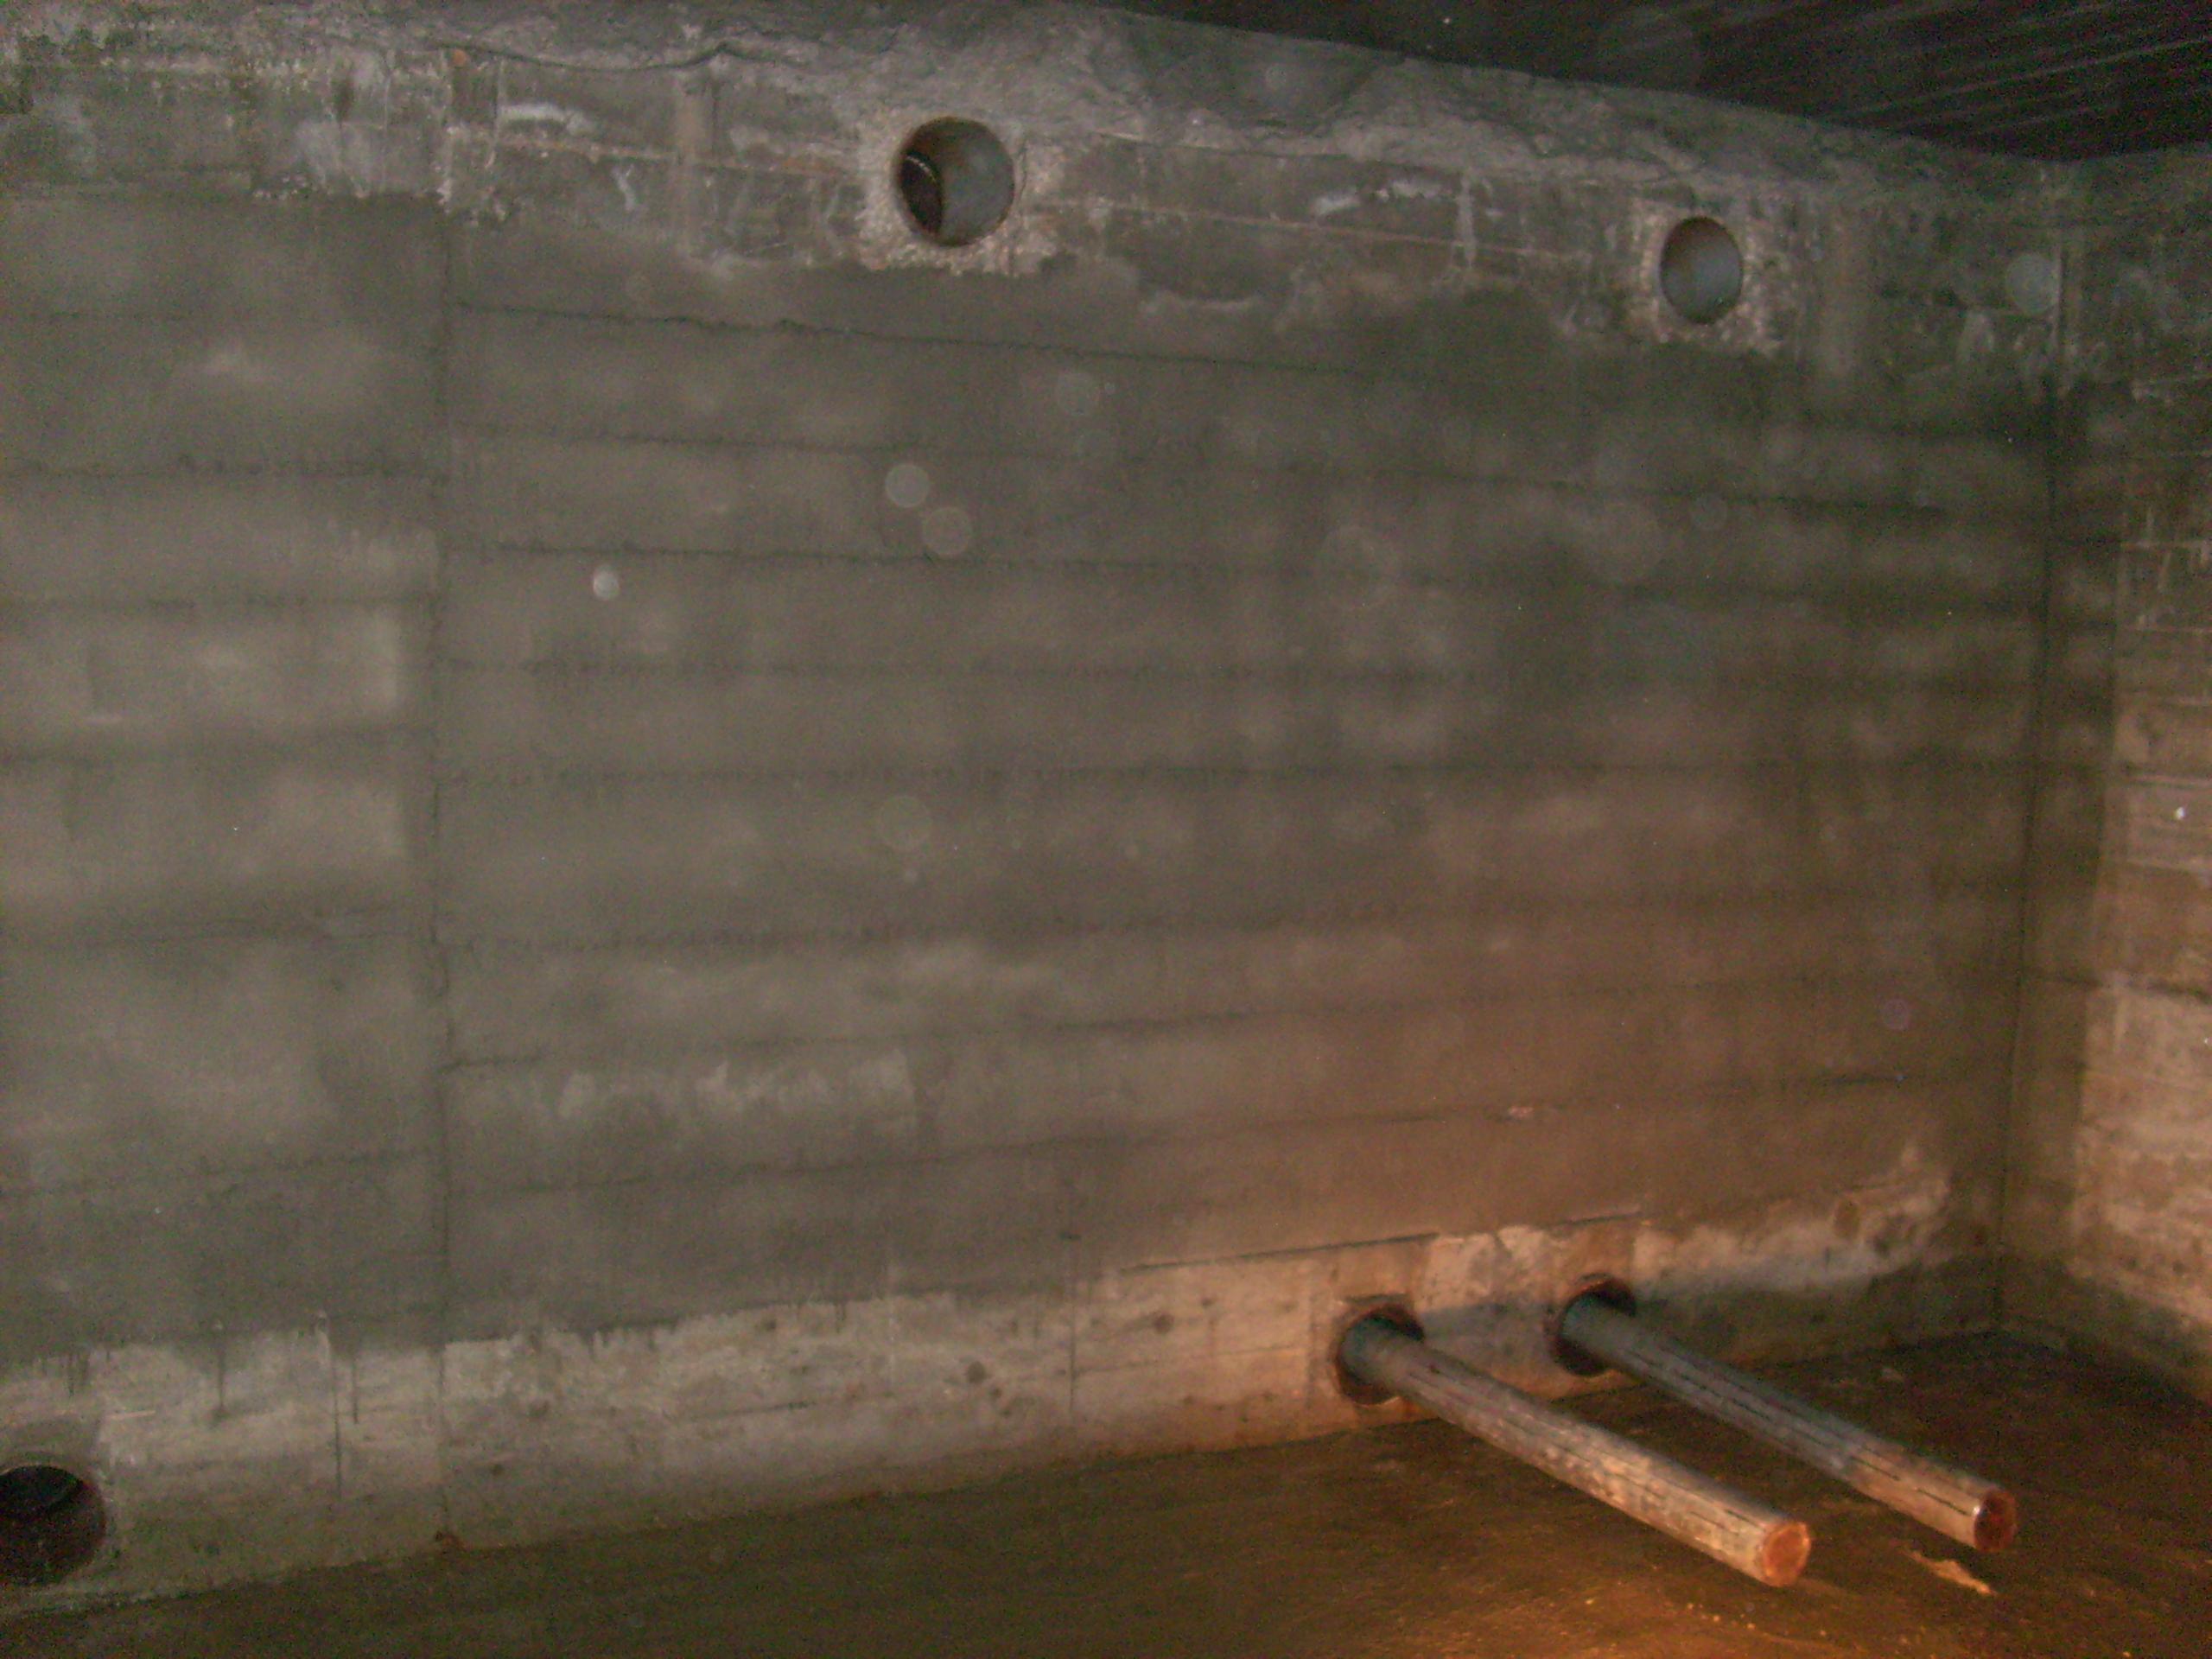 Aplicarea tratamentelor de impermeabilizare - BALCOVI - Bazin apa - Nissan - Tunari UNICO PROFIT - Poza 18